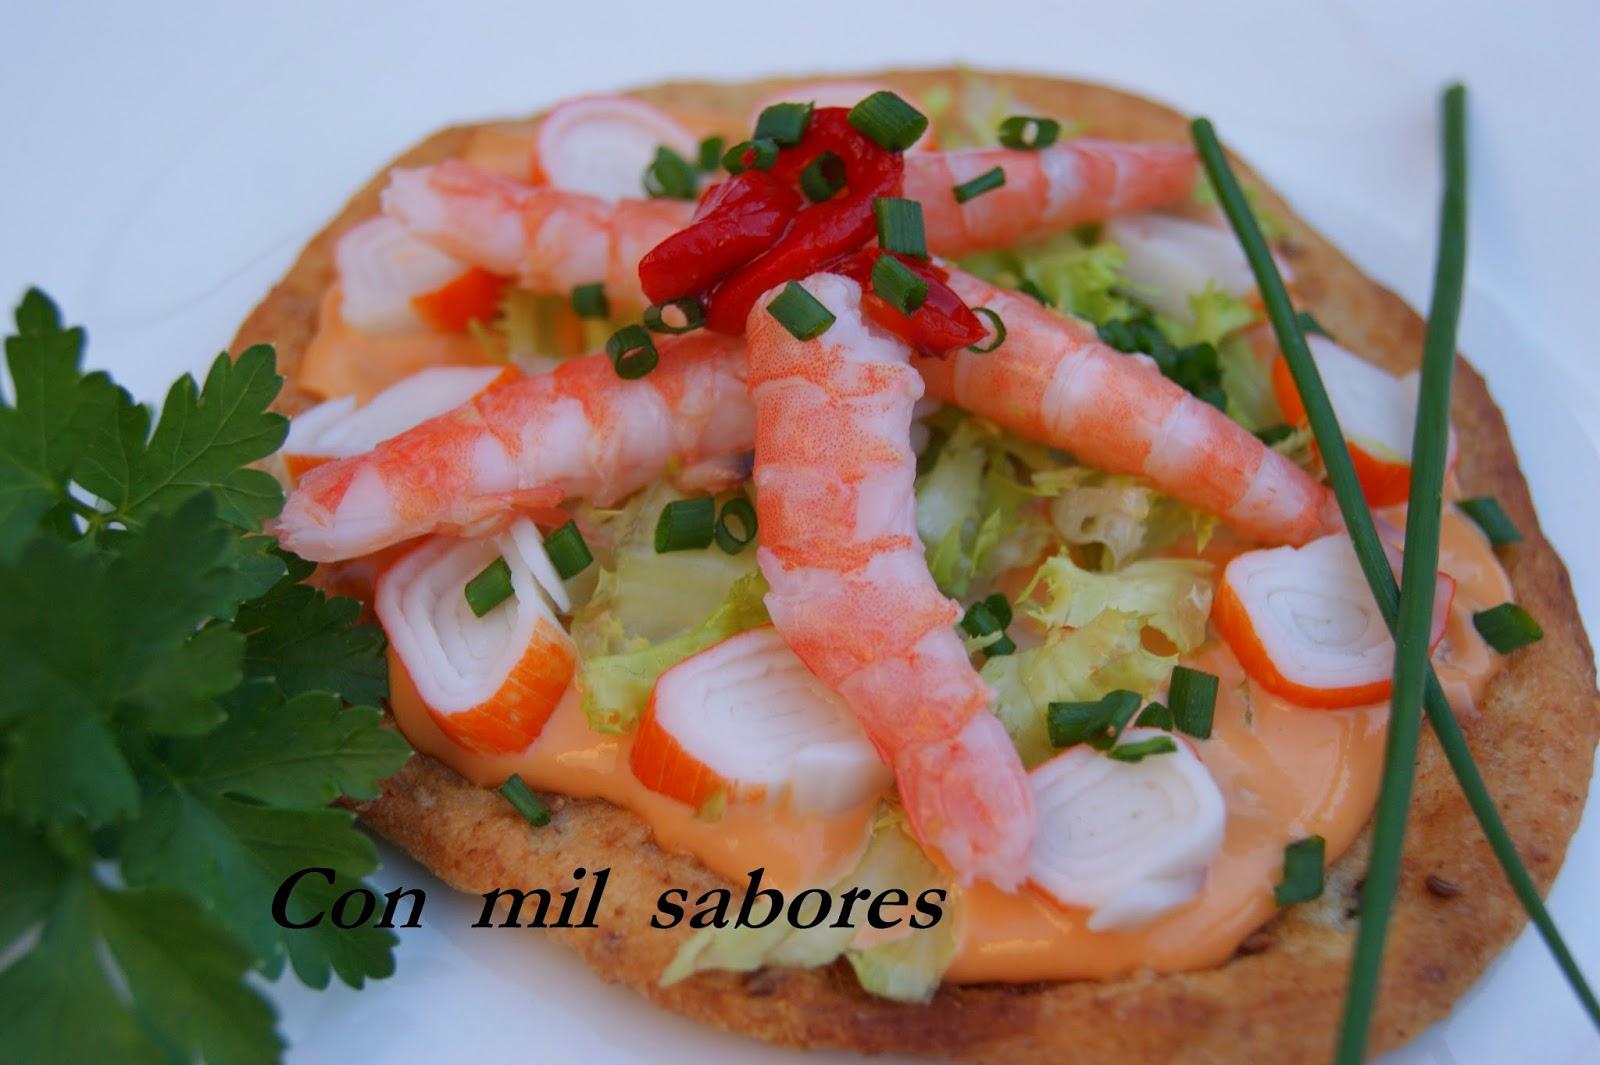 Con mil sabores c ctel de marisco especial - Coctel de marisco ingredientes ...